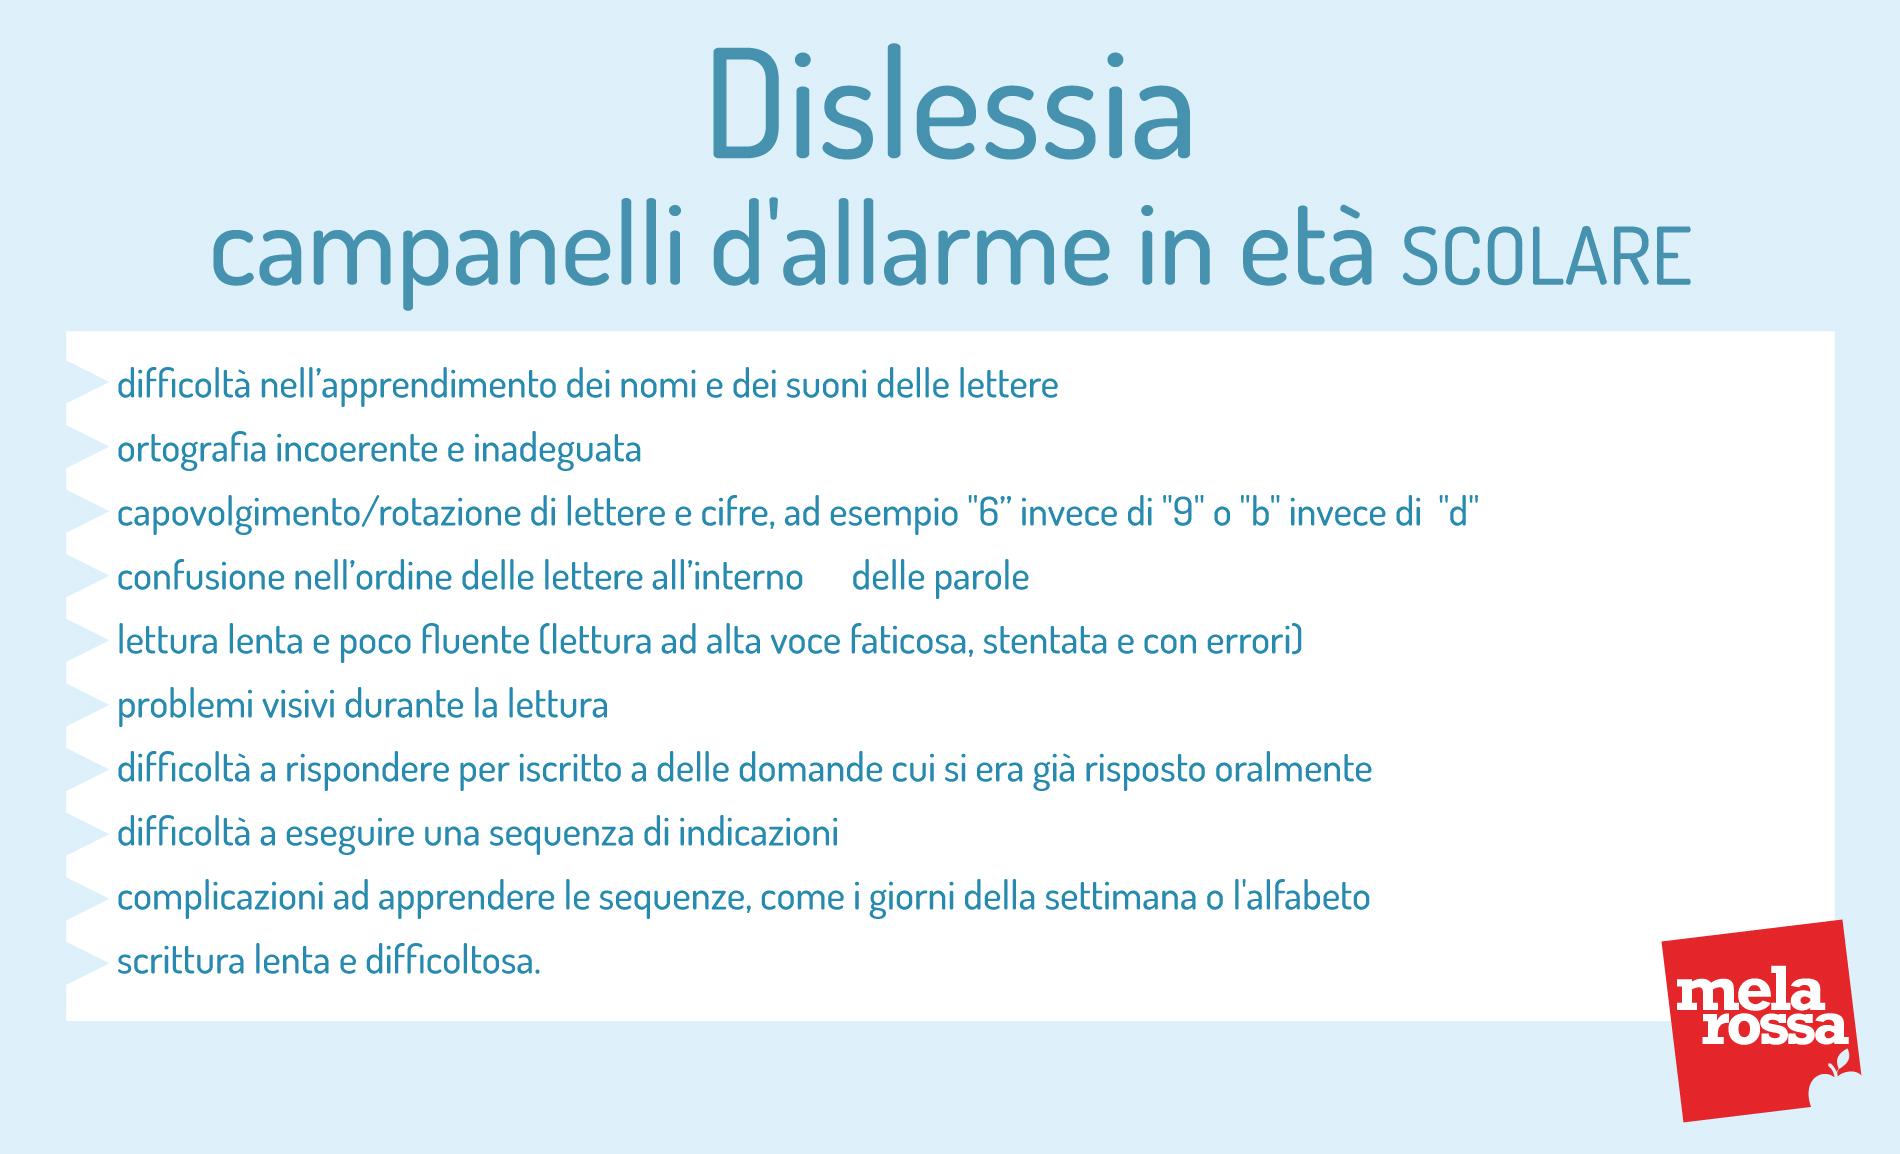 dislessia: campanelli d'allarme in età prescolare